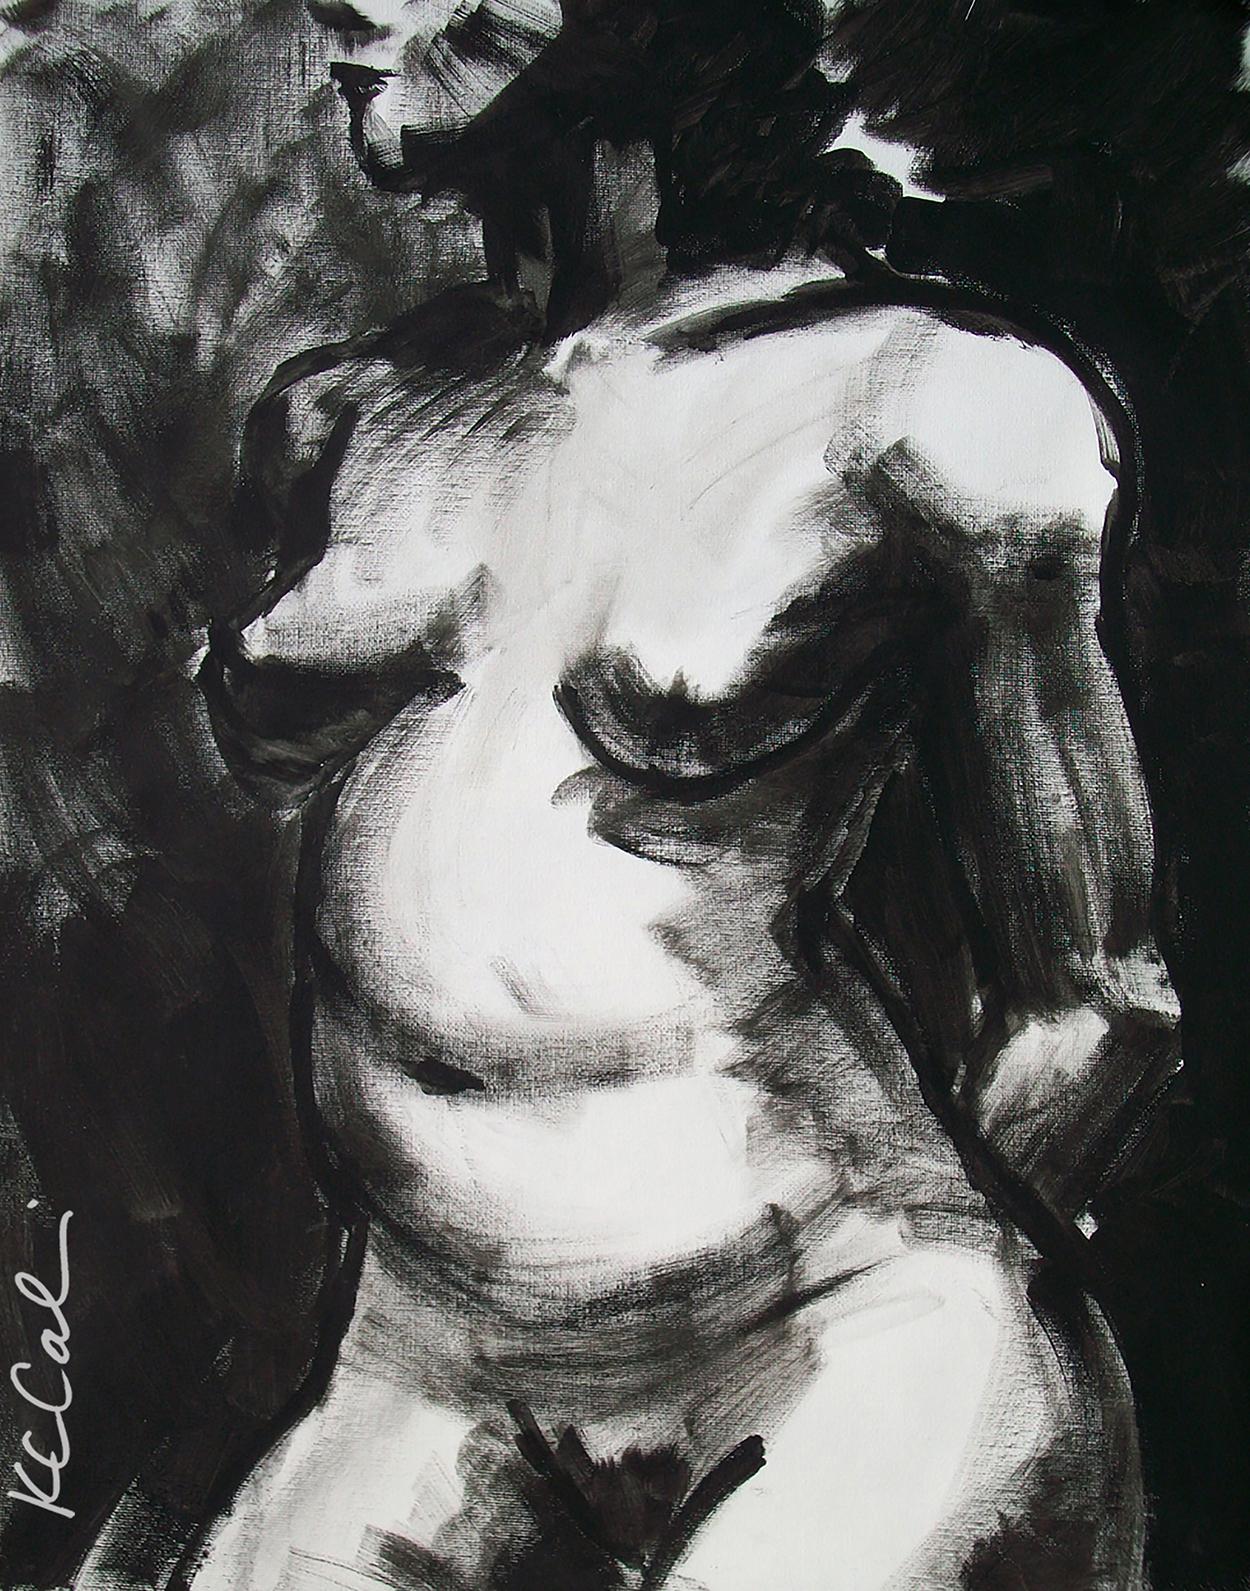 Torso 2 - -  acrylic on canvas   [sold]